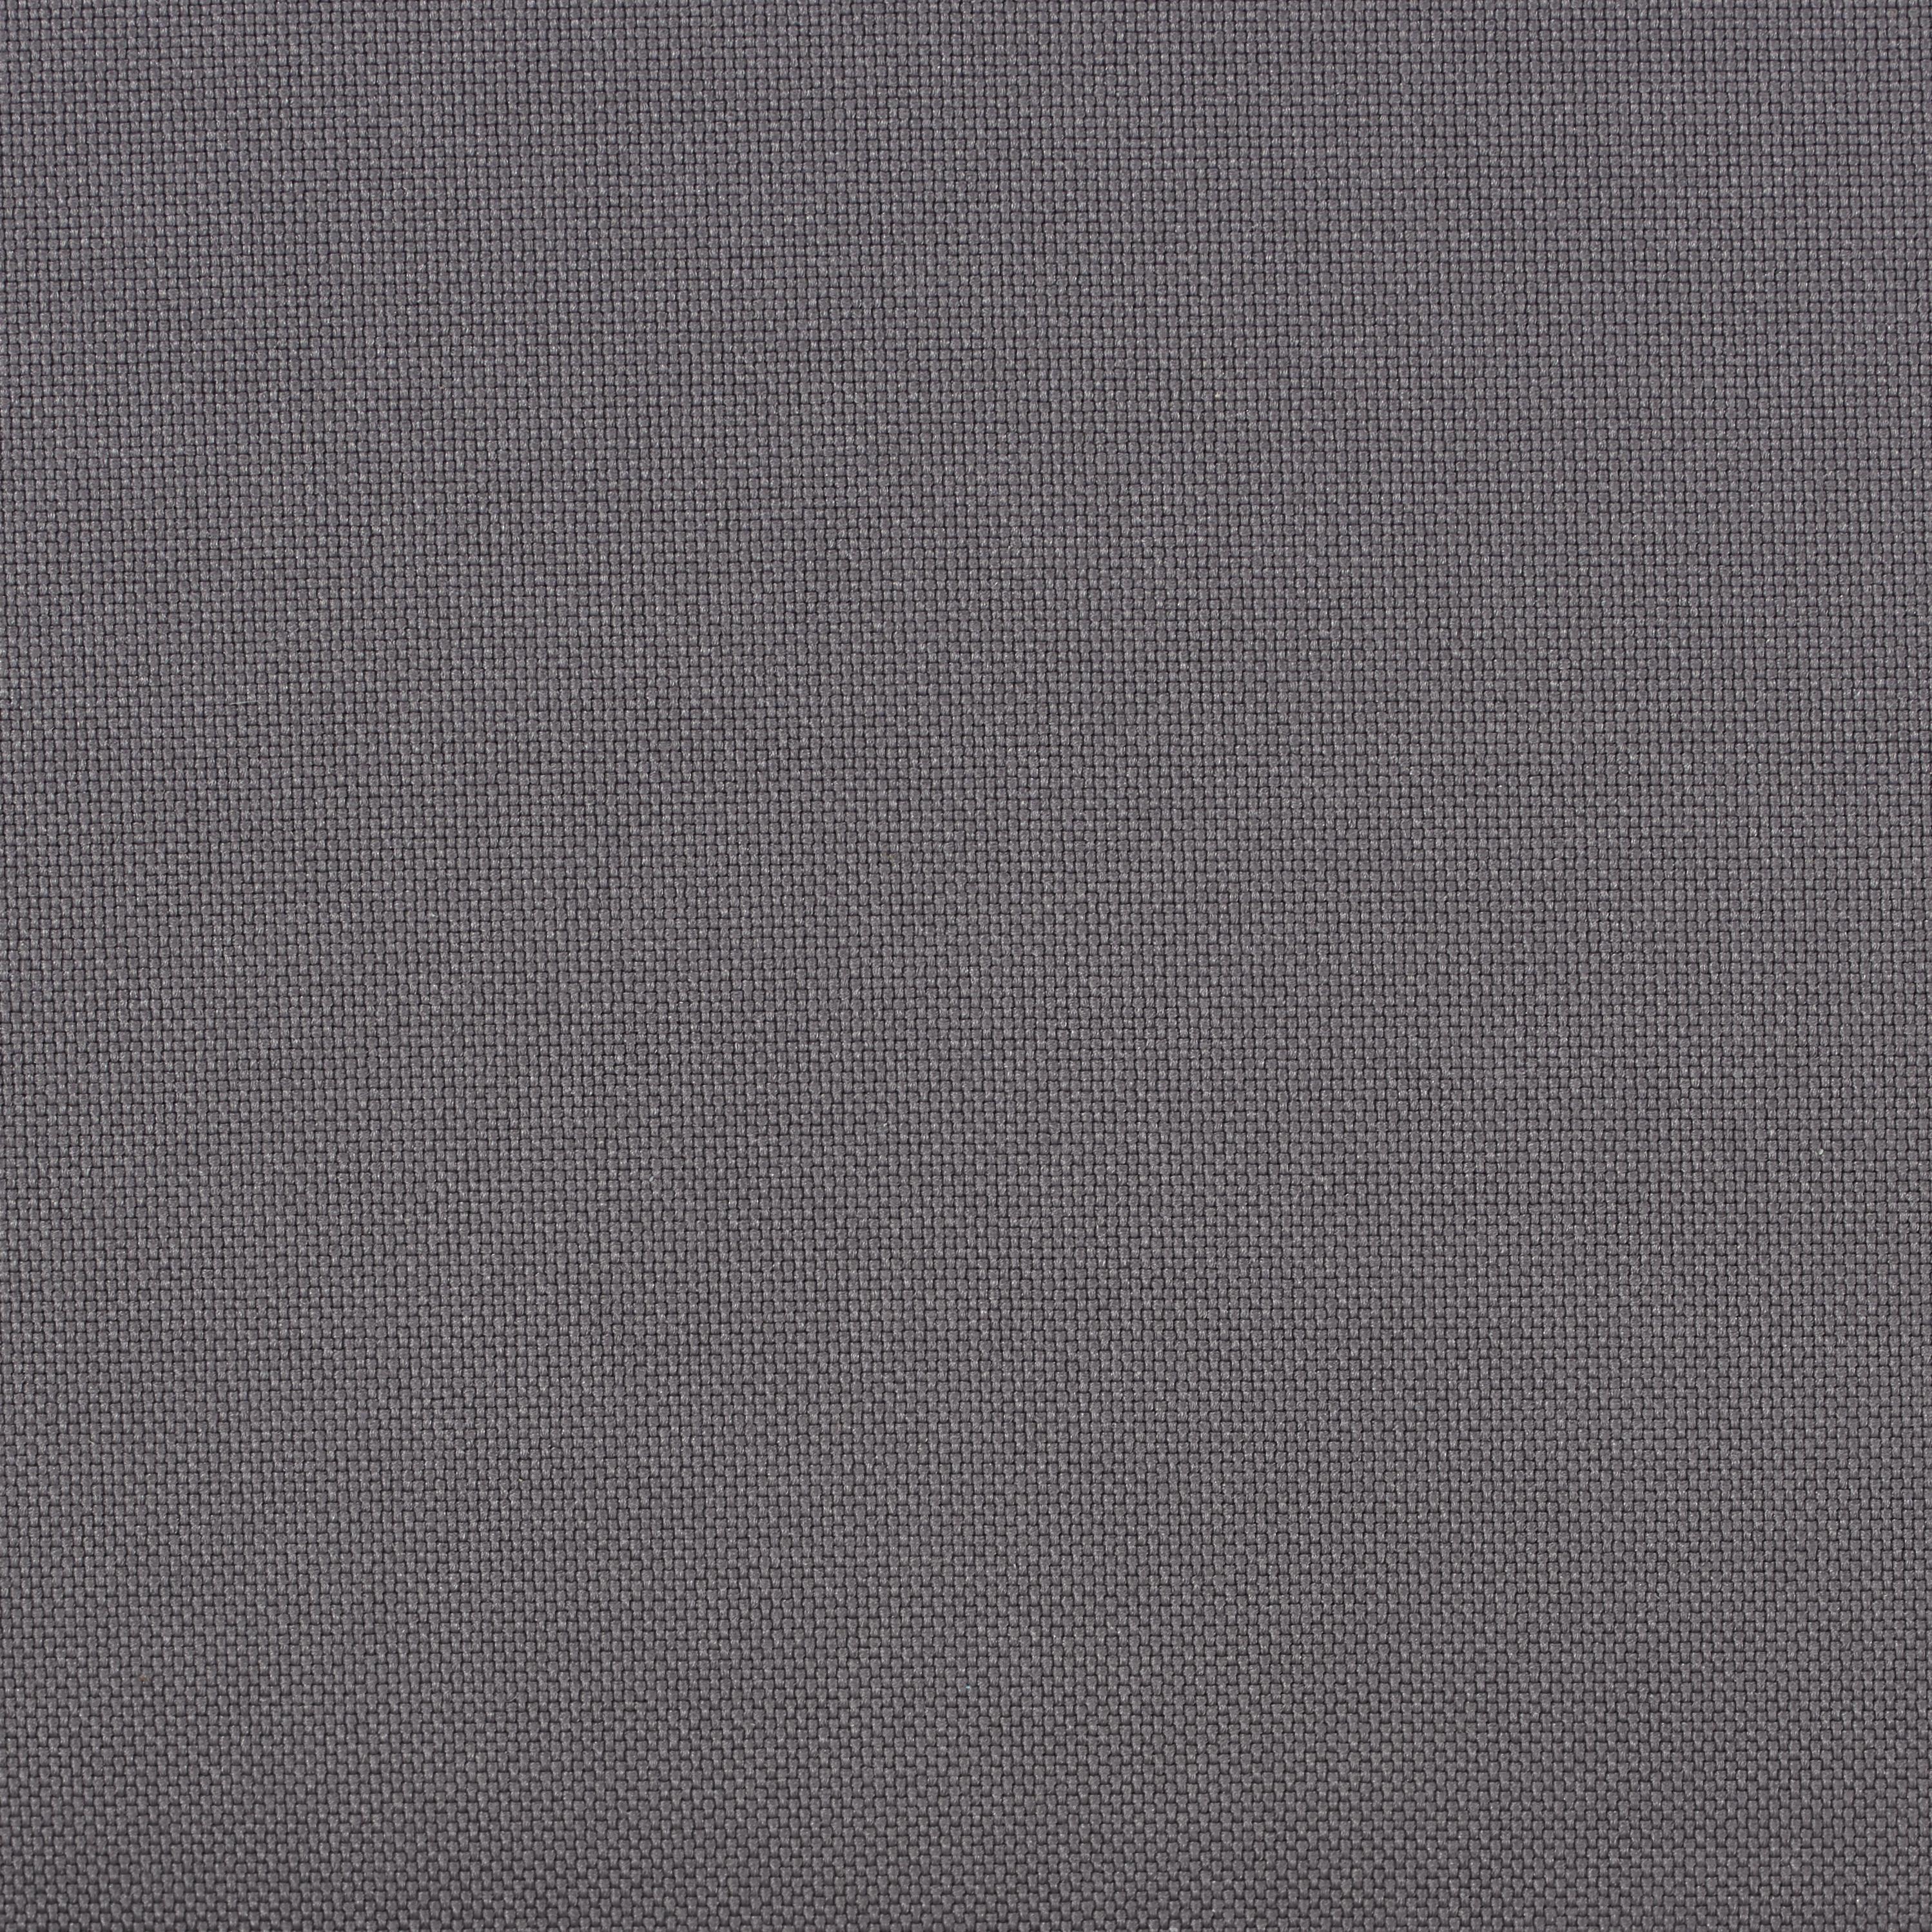 Loungesofa Vittorio inkl. Auflage, Rücken- & Zierkissen - Dunkelgrau/Hellgrau, MODERN, Holz/Kunststoff (162/65/83cm) - MÖMAX modern living